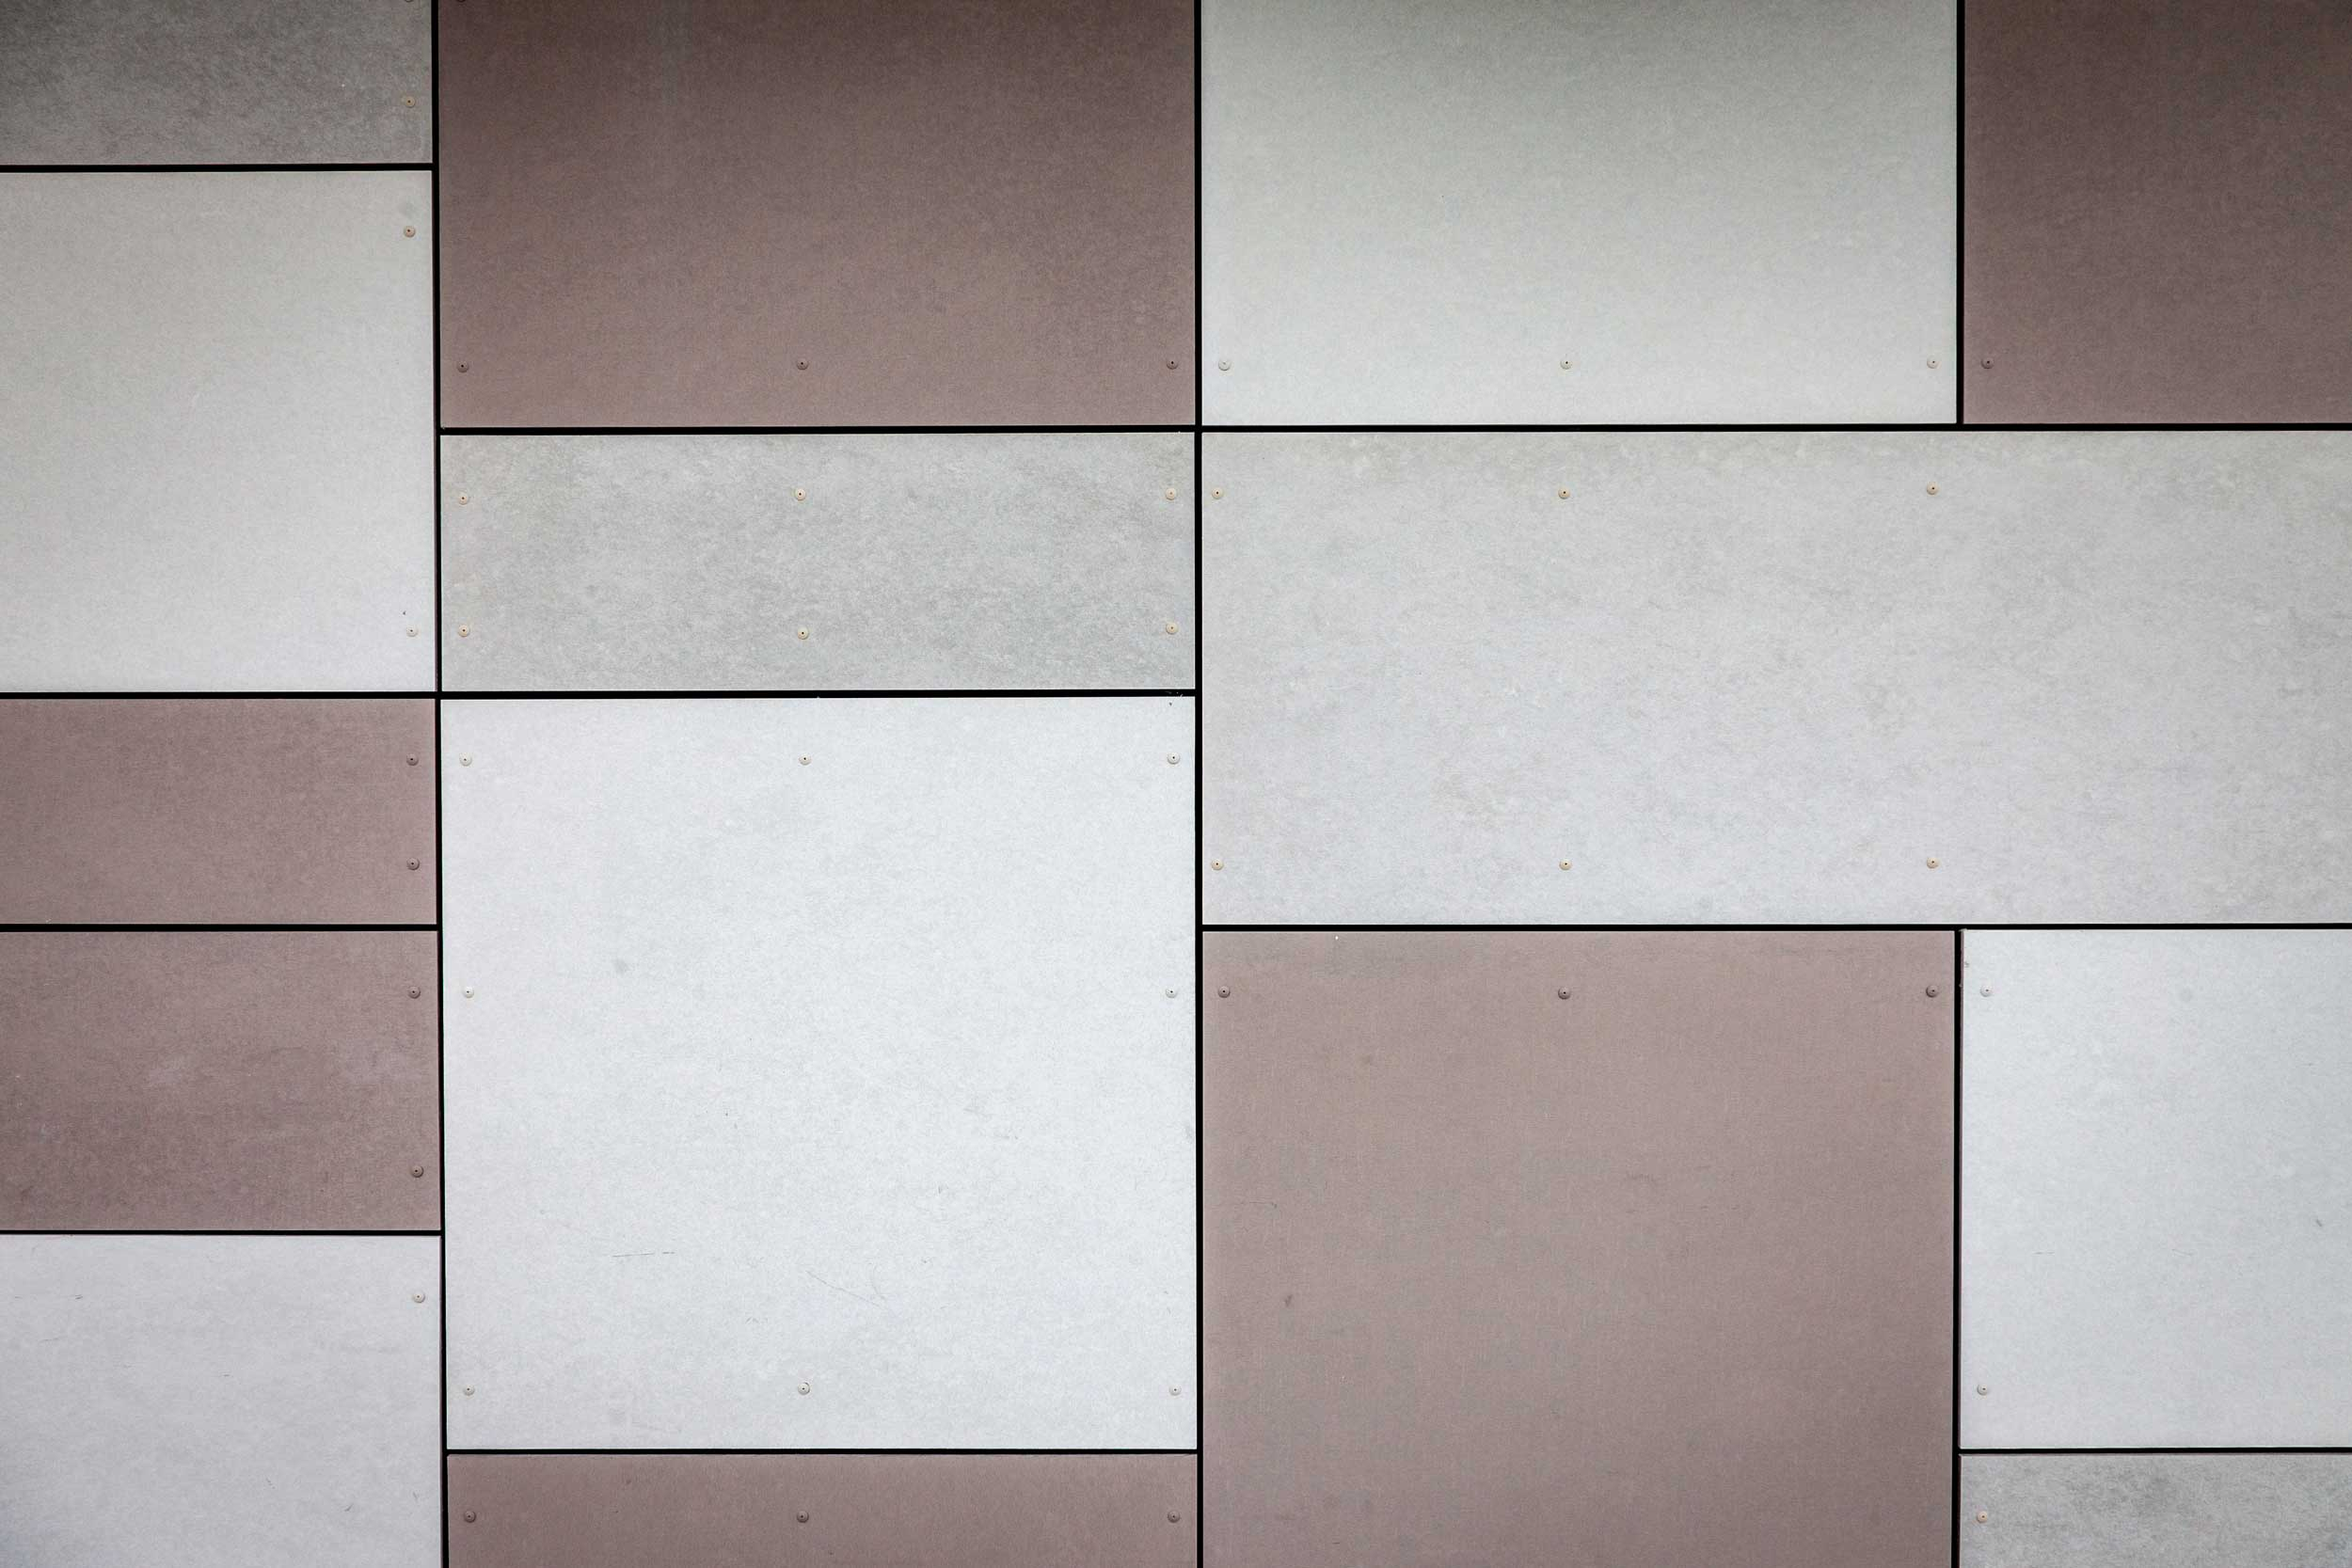 Fassade Leydecker_2-_MG_0774